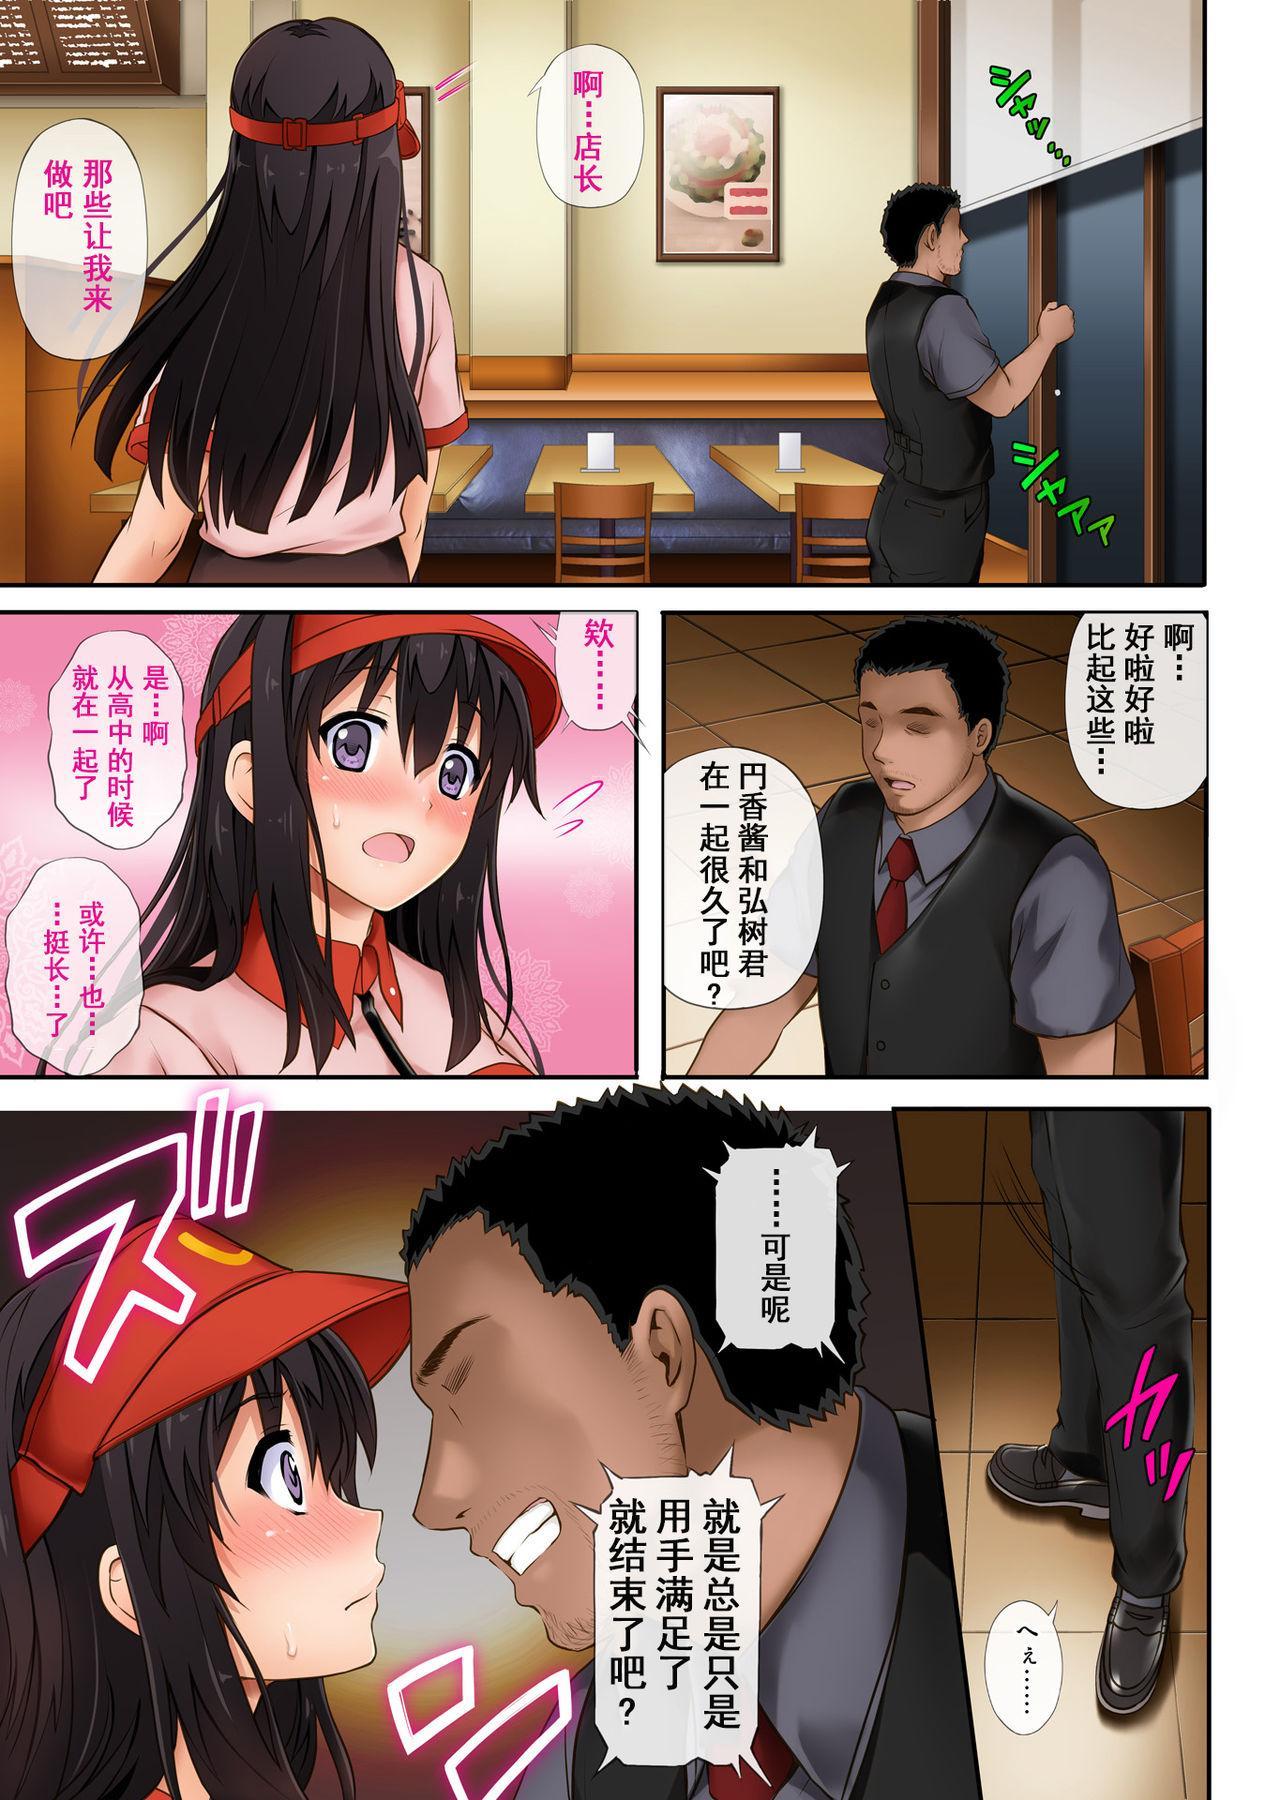 Kare to Watashi to Tenchou no Shinya Kinmu 15